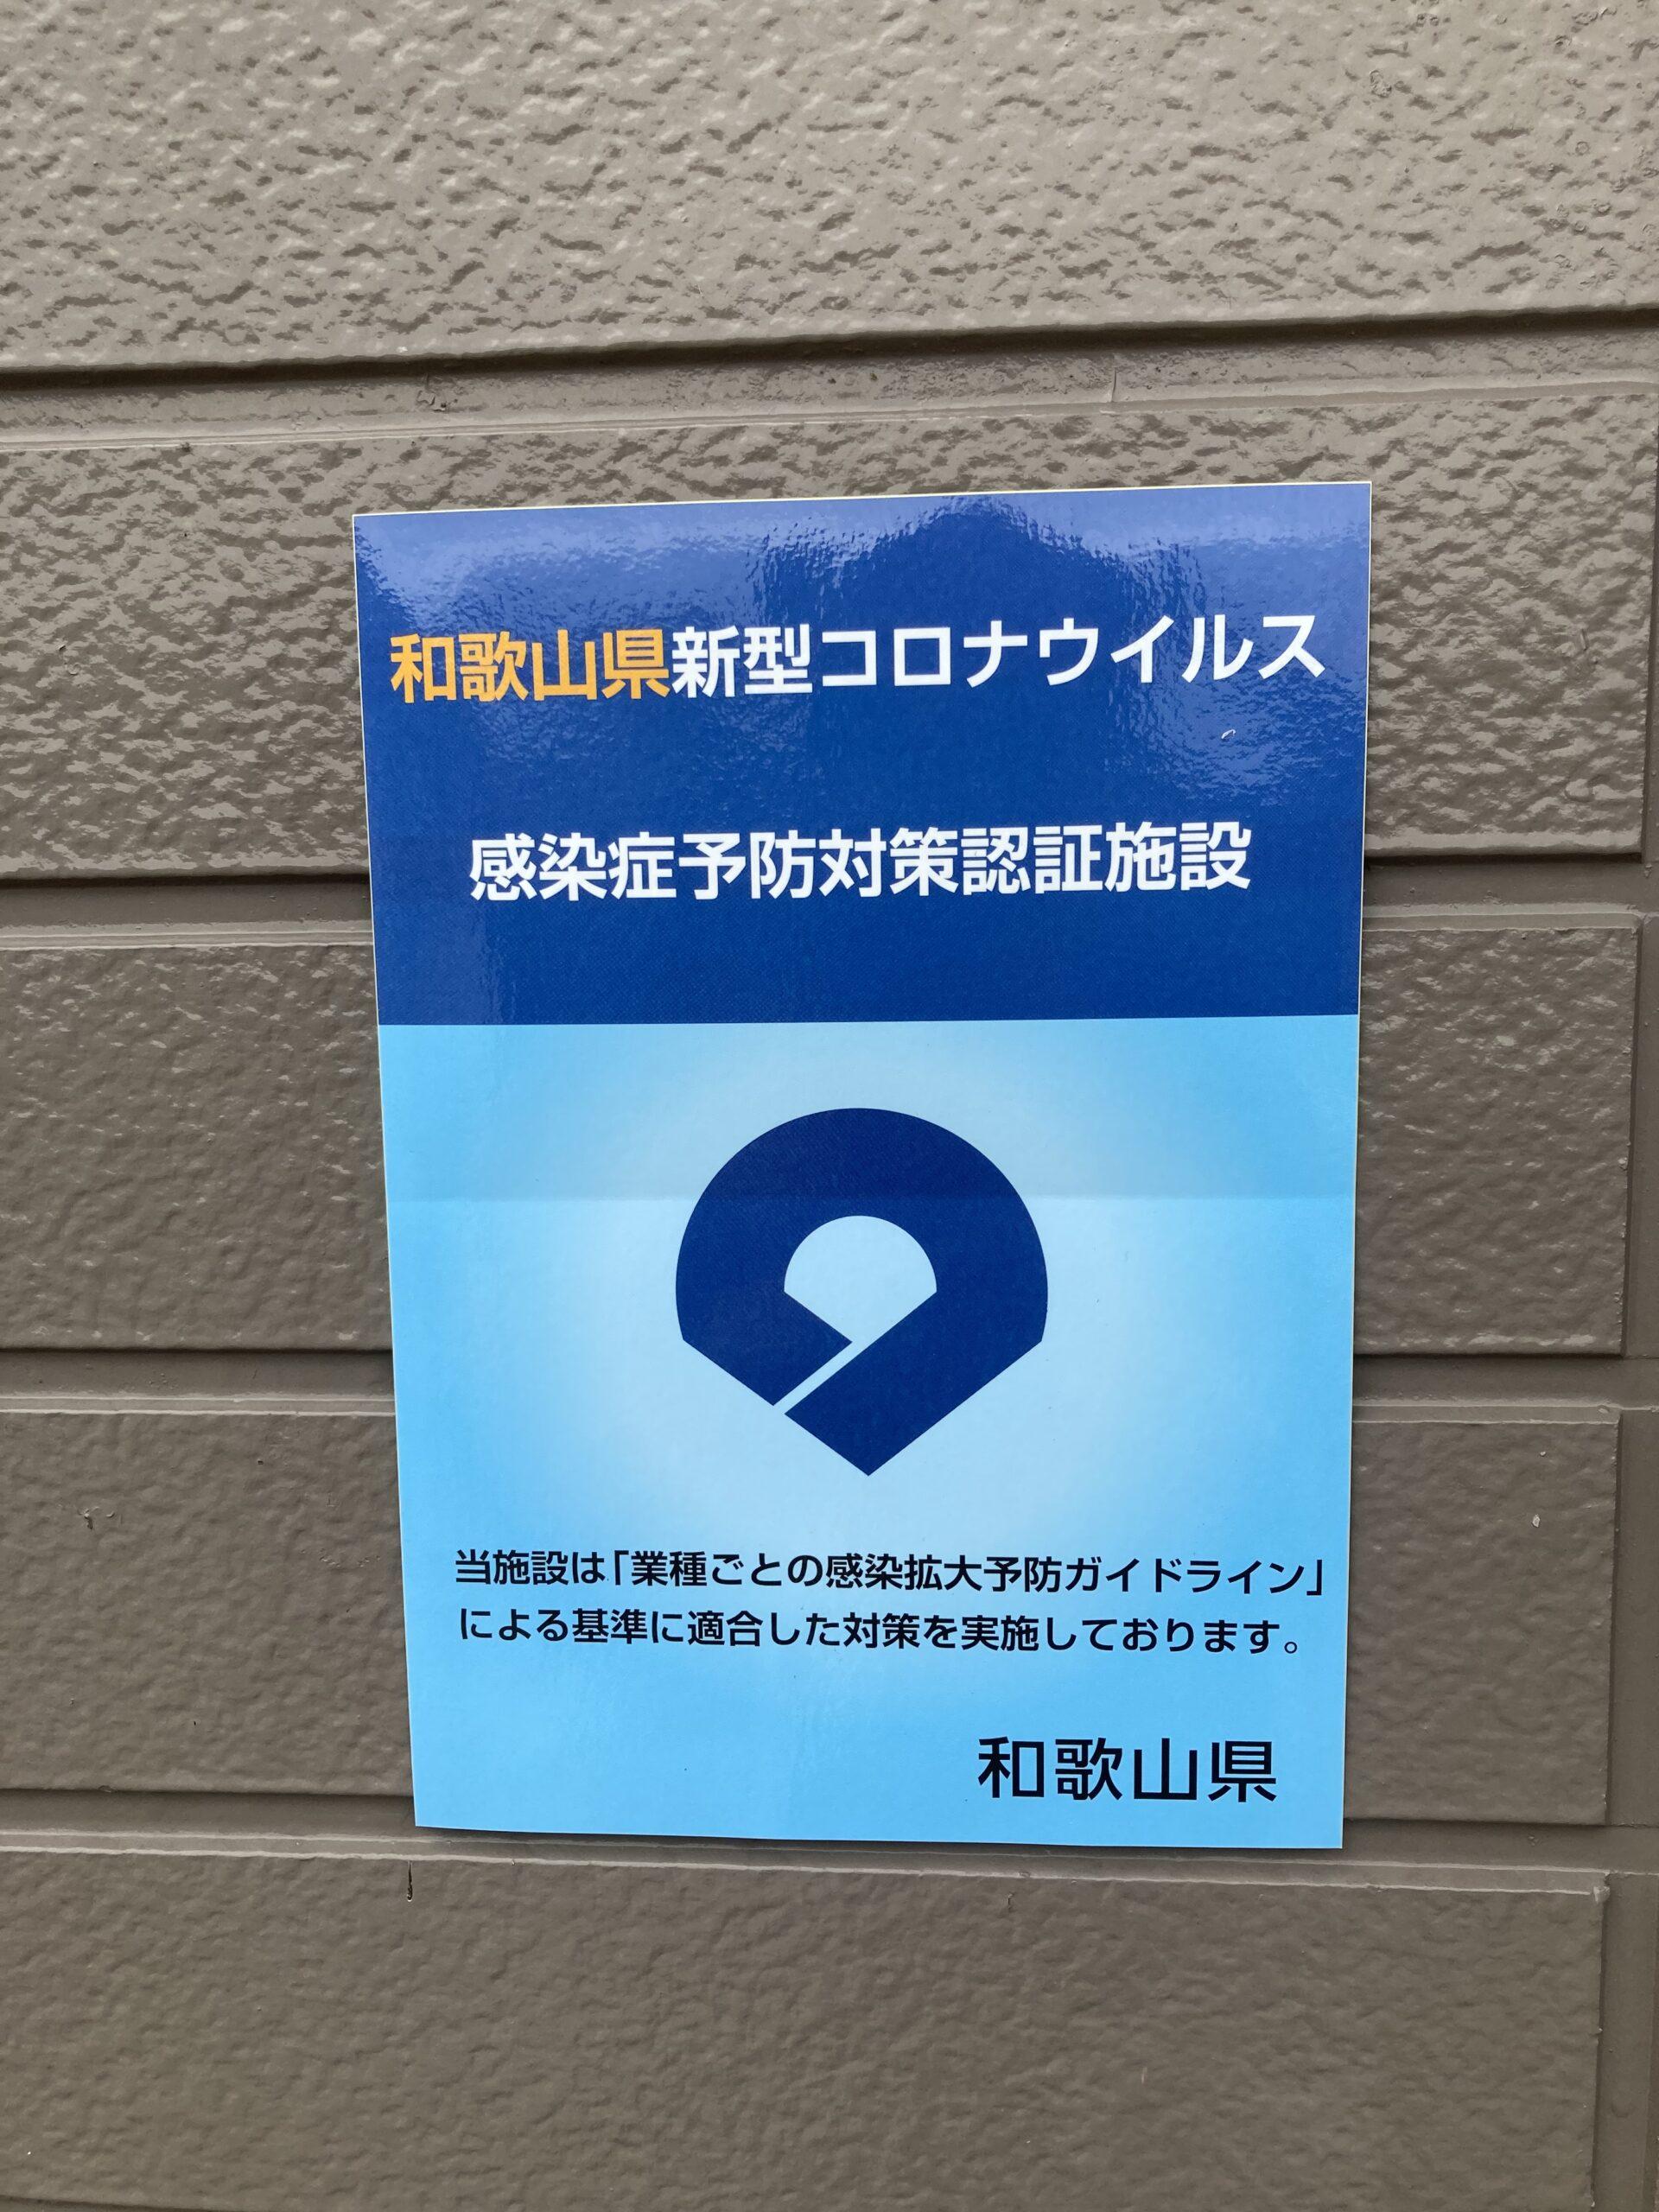 「新型コロナウイルス感染症  予防対策認証施設」に認定